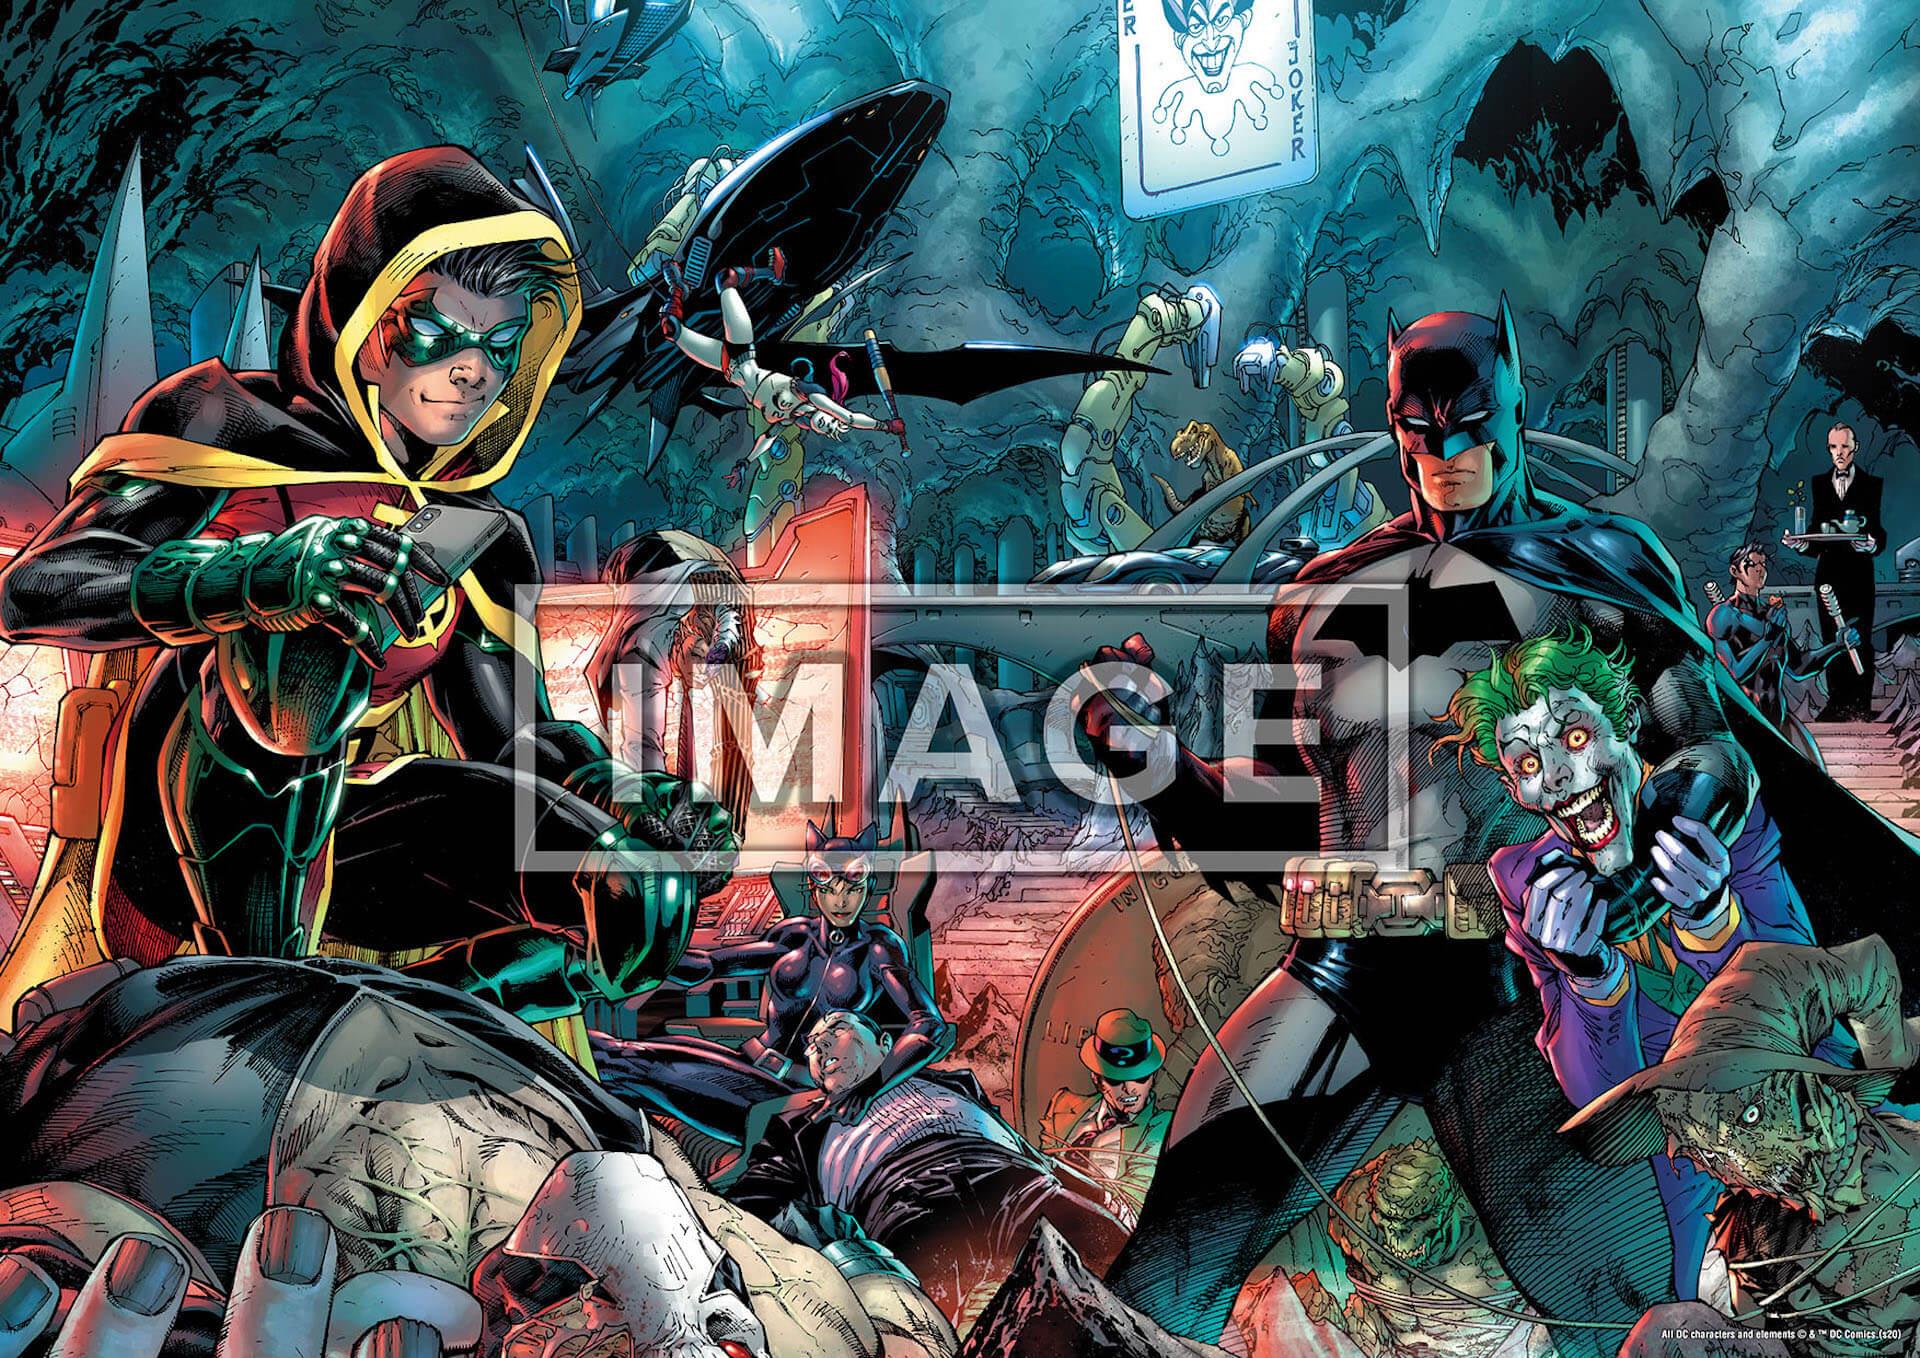 『ワンダーウーマン 1984』劇場公開記念!スーパーマン、バットマン、ジョーカーら人気DCキャラのBE@RBRICKや限定ポスターが当たるHappyくじが発売 art201216_dc_bearbrick_19